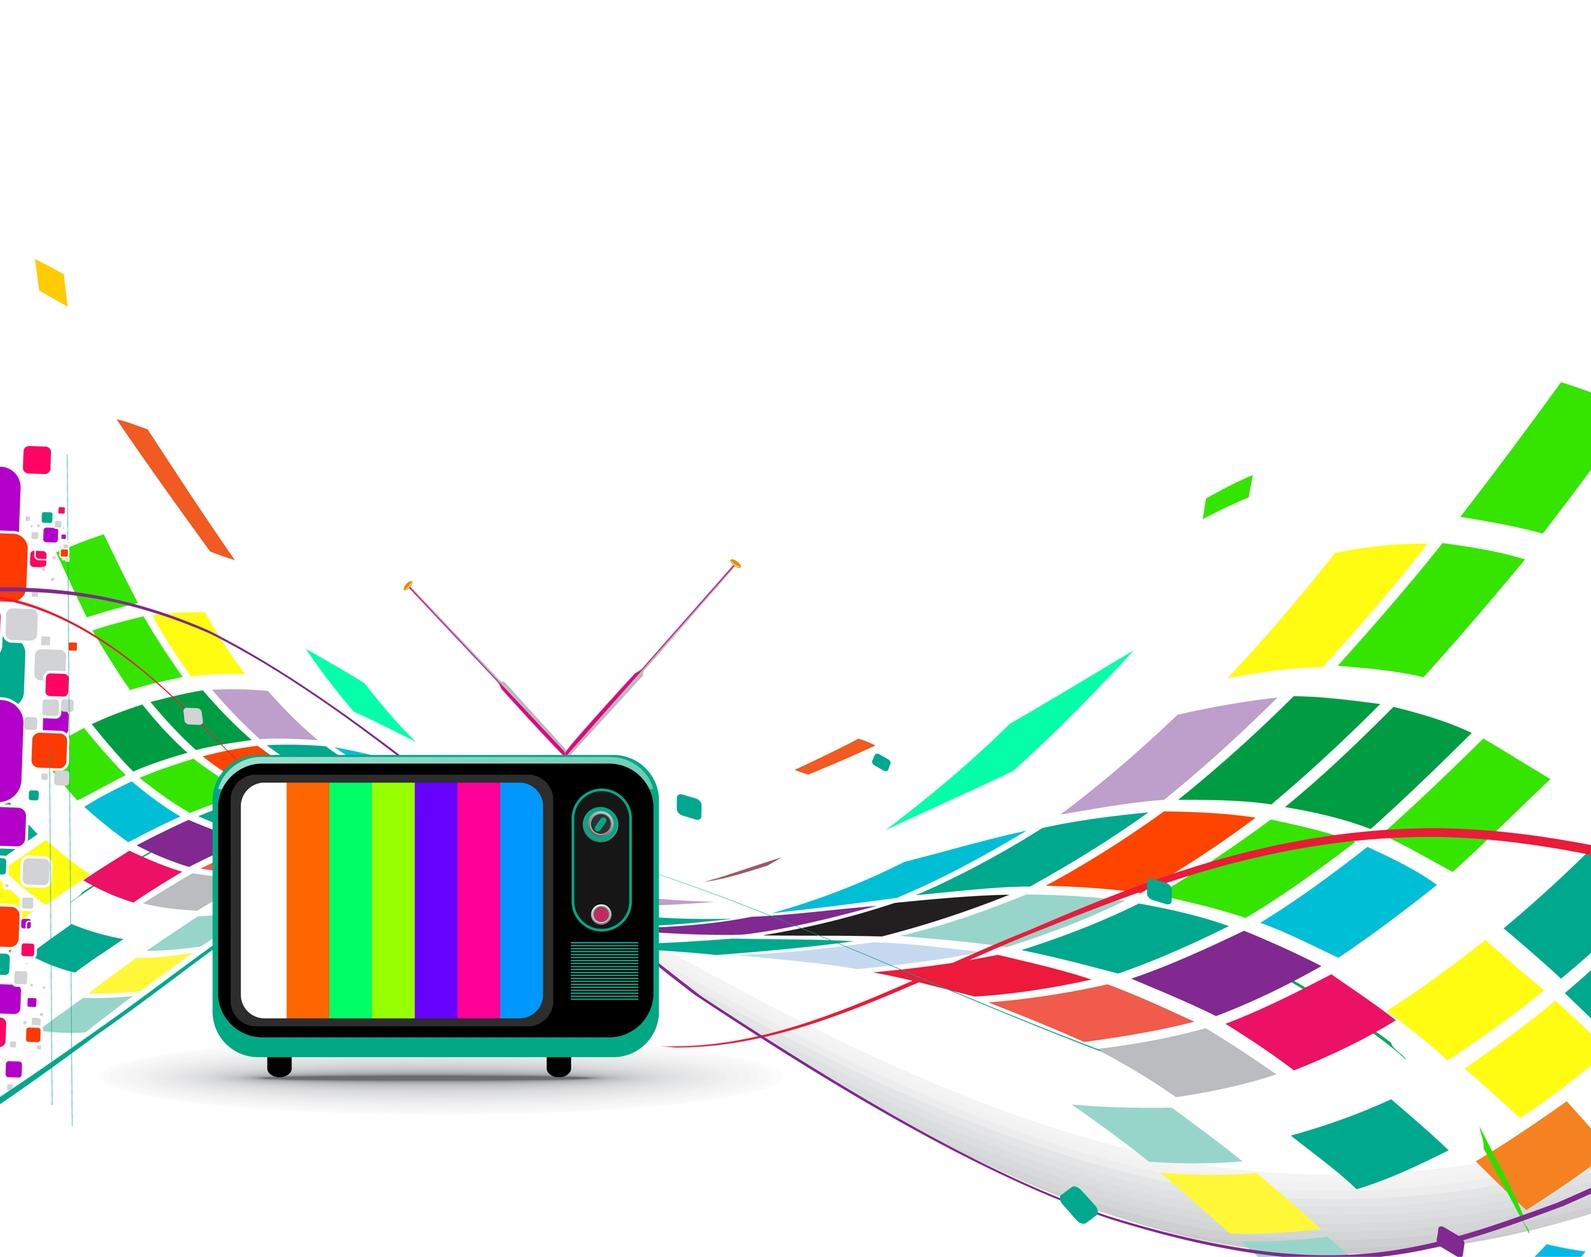 עקרונות לתקשורת עוצמתית – #4 אסוציאציה